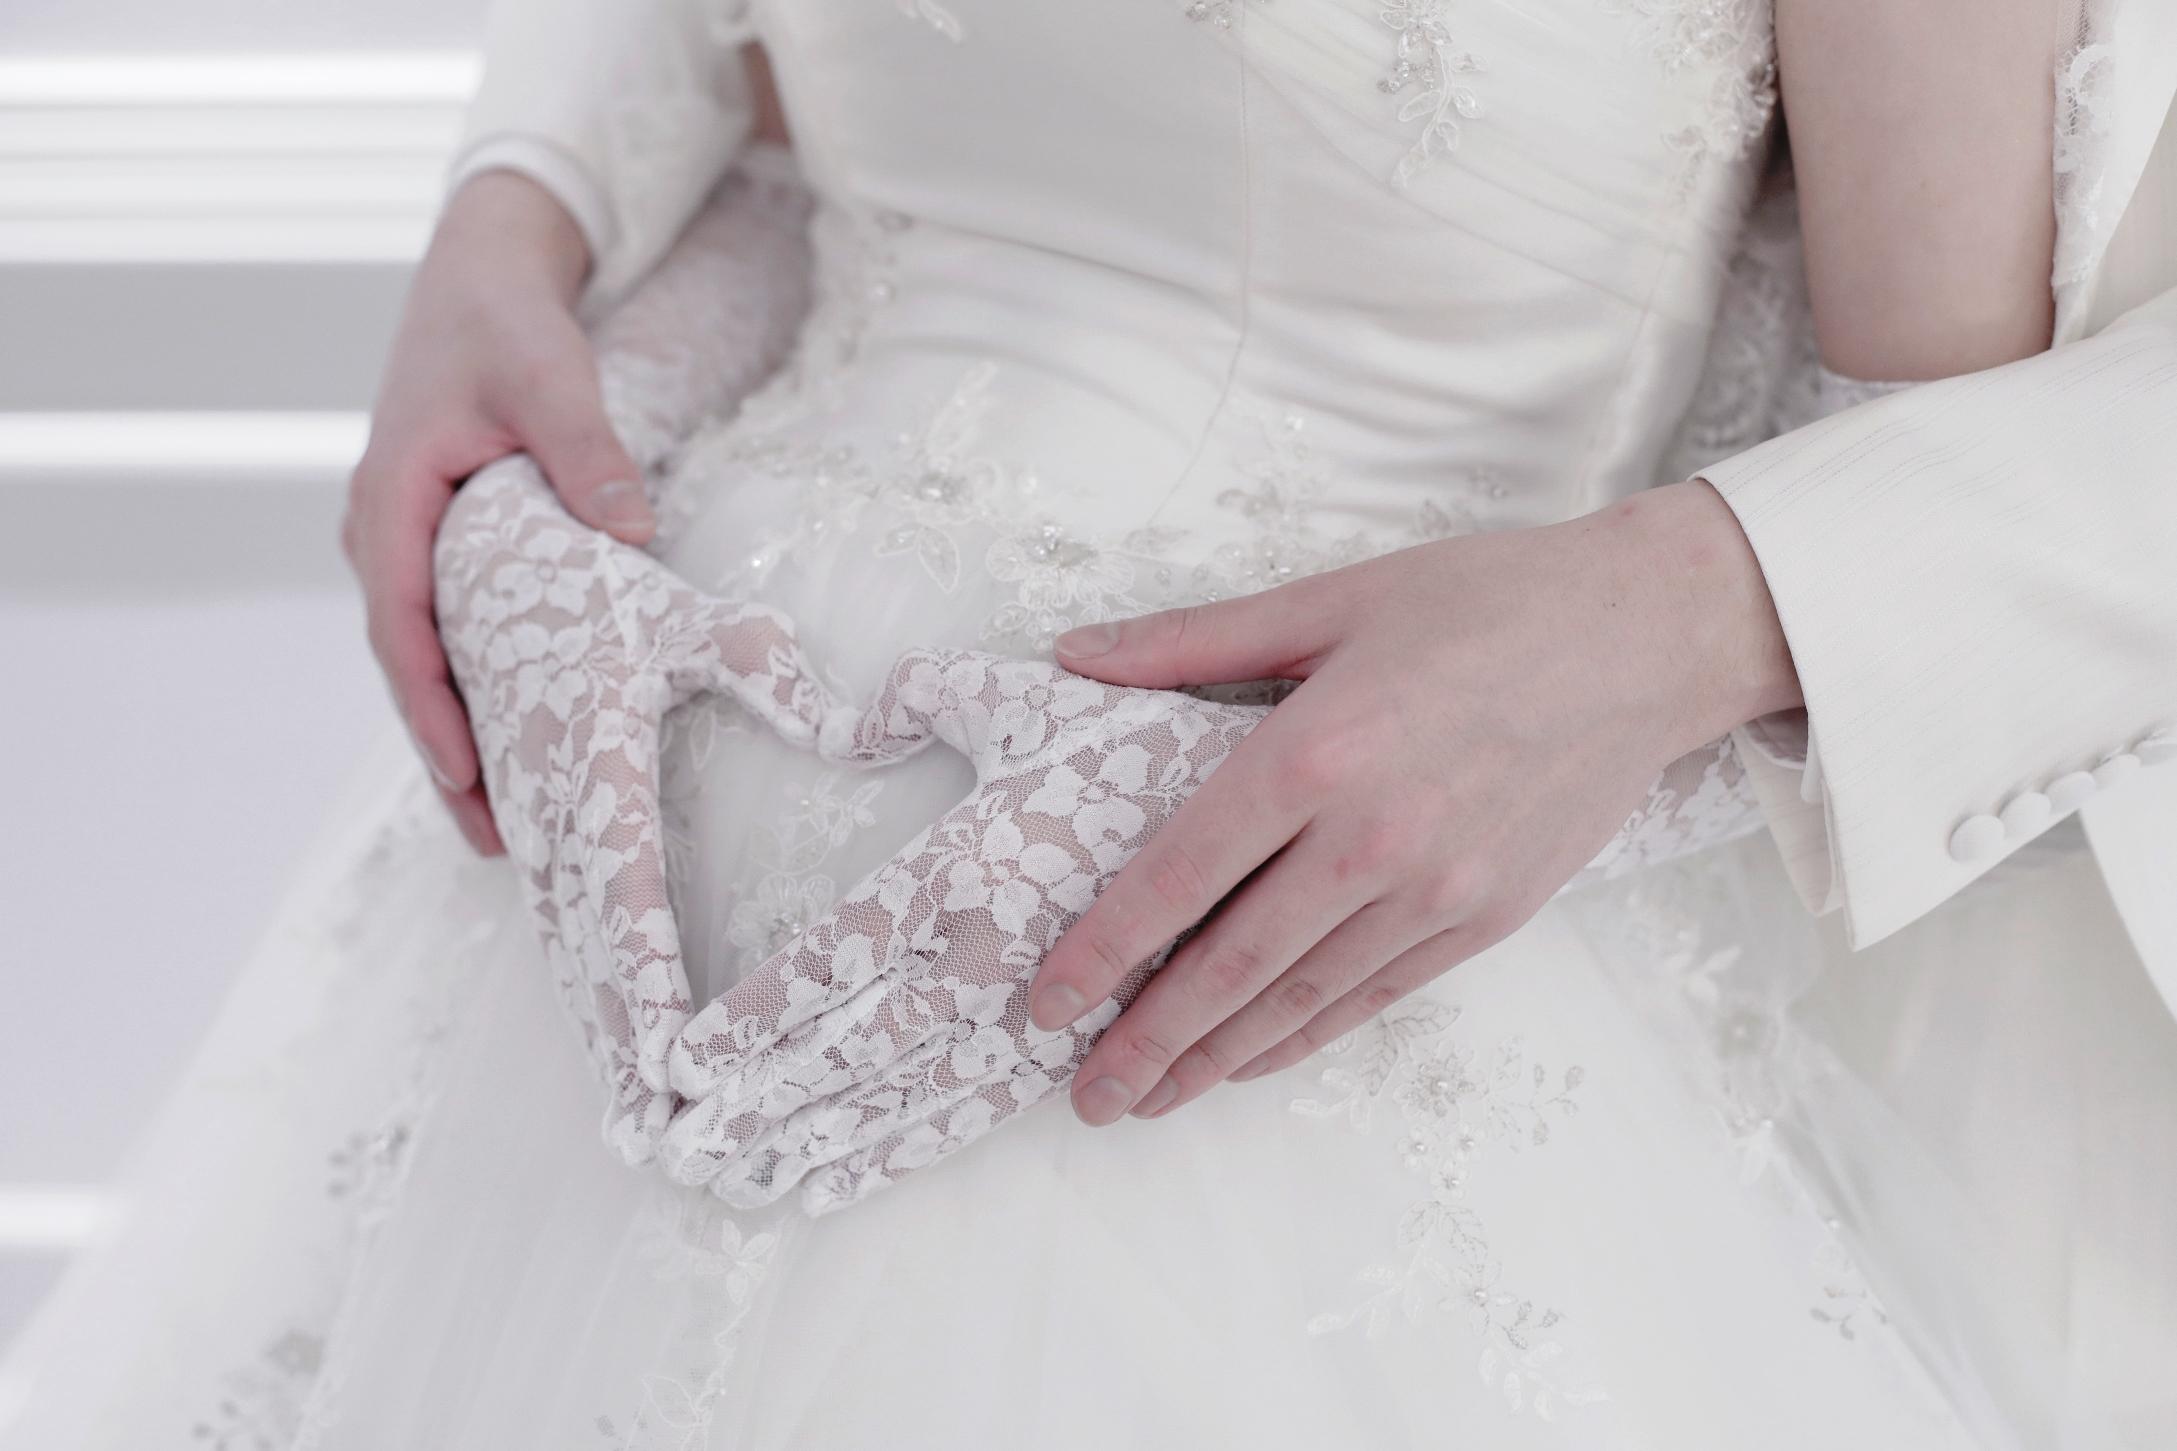 100日以内のご結婚式をお考えのお二人へ<br> ママプランナーもたくさんおりますので<br> お二人のペースで式当日まで<br> しっかりサポートいたします!